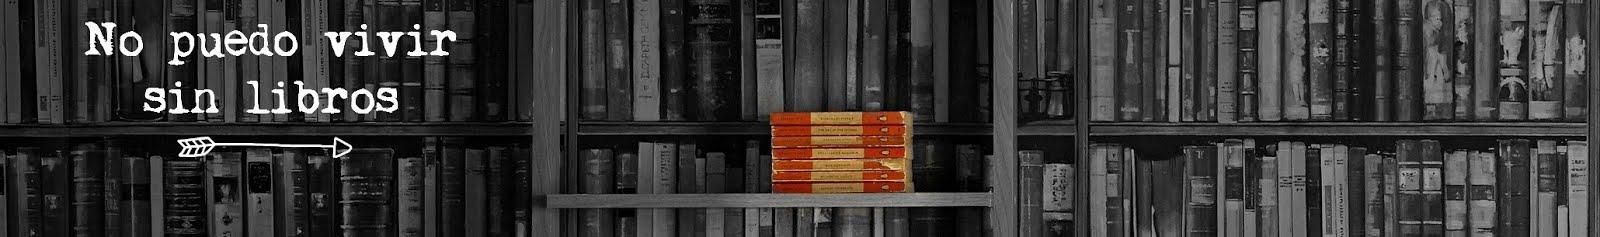 No puedo vivir sin libros